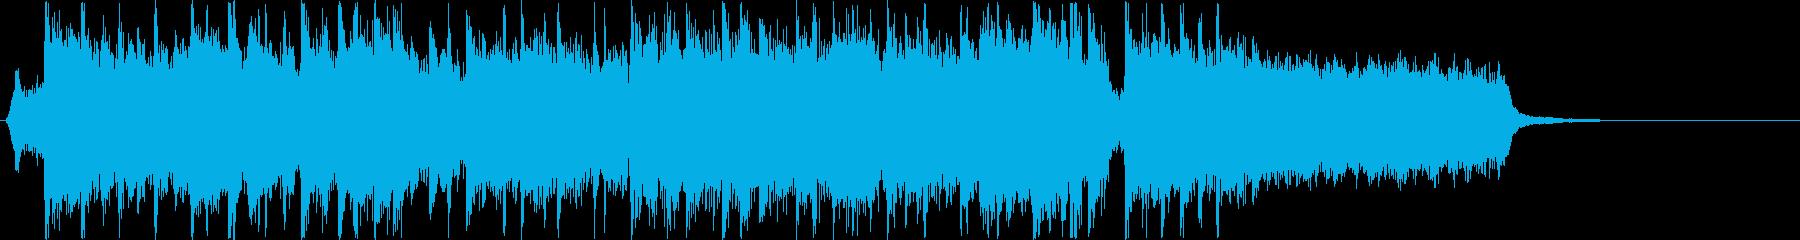 アイドルアニソンのイントロ風ジングルの再生済みの波形